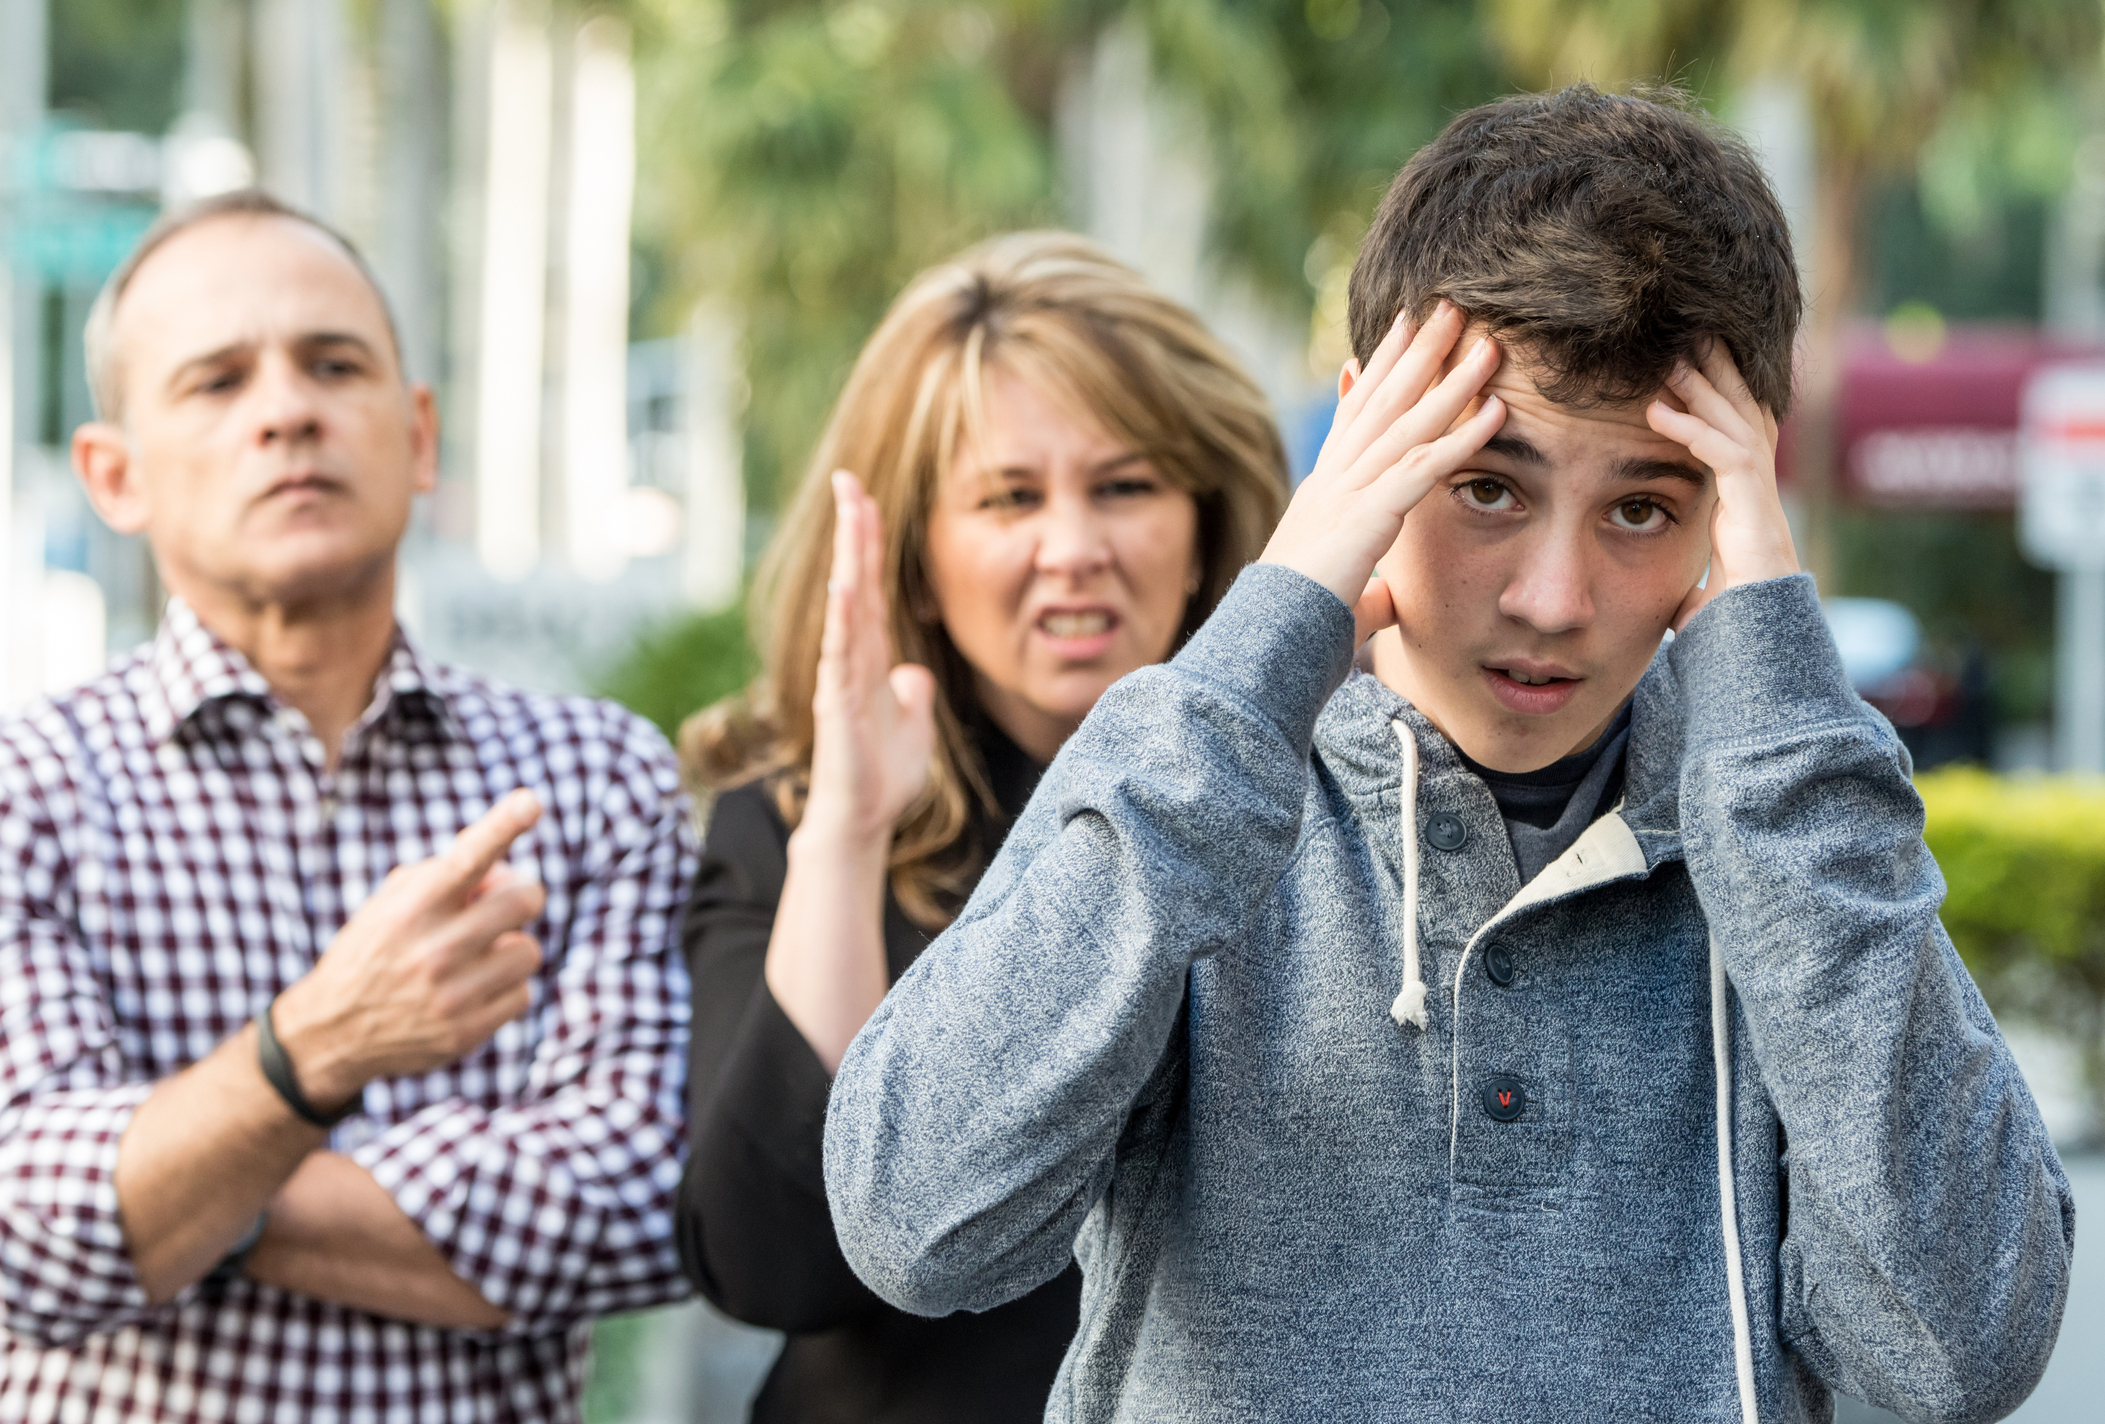 Atenção pais: não irritem seus filhos